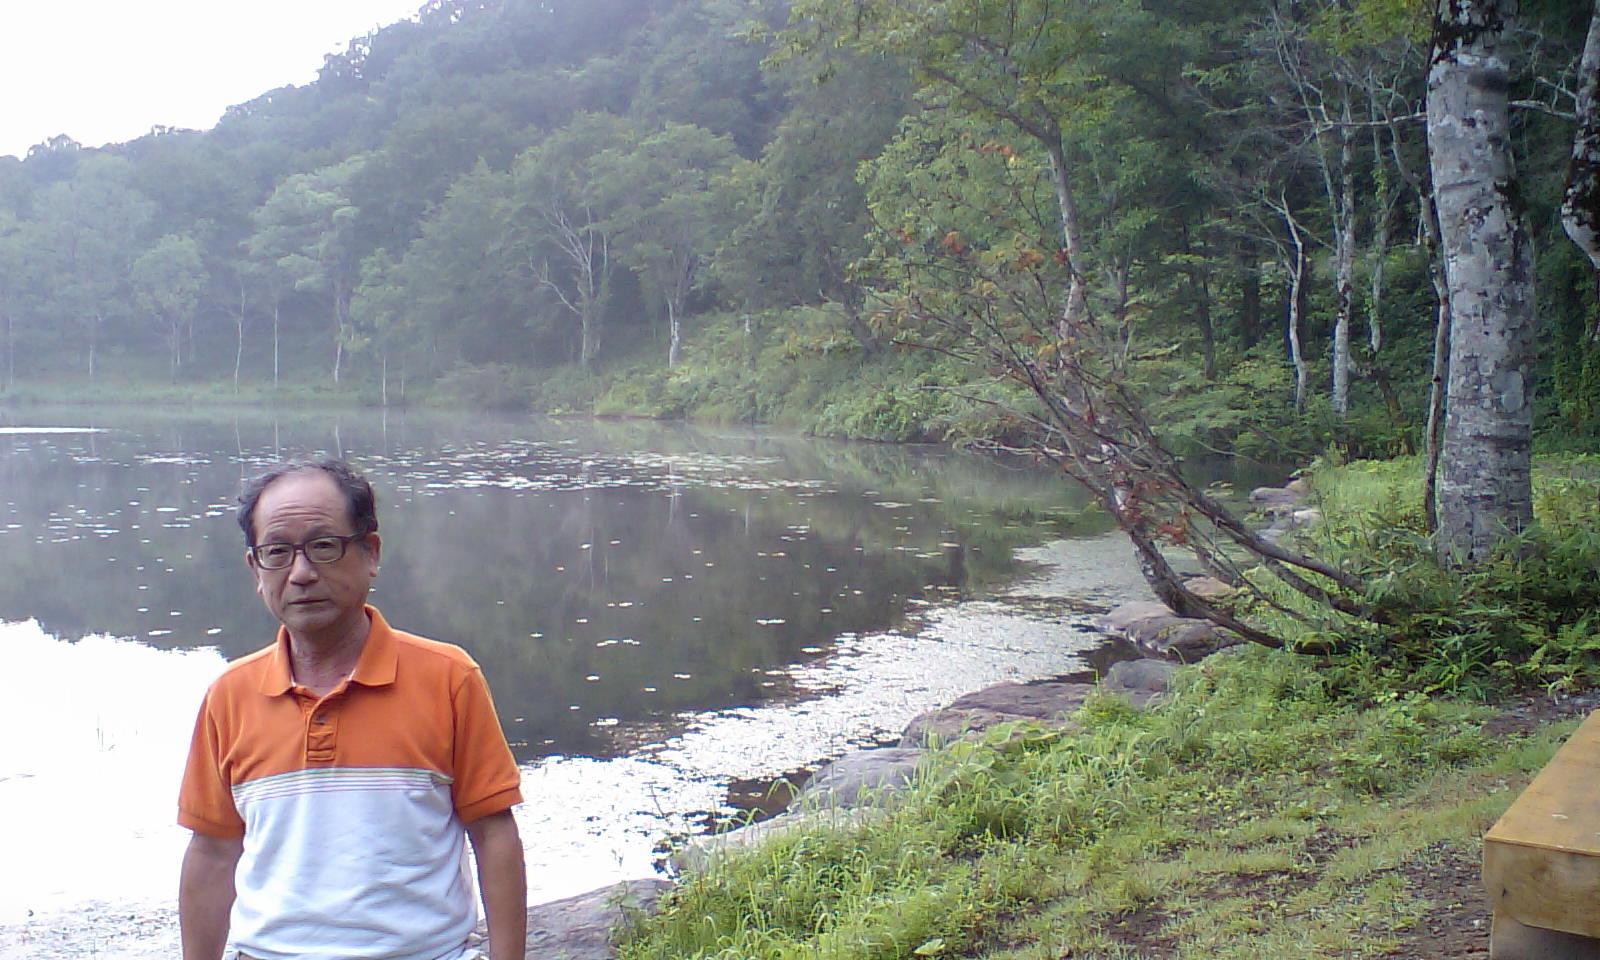 HI3A0001蓮華温泉の前の林道の池